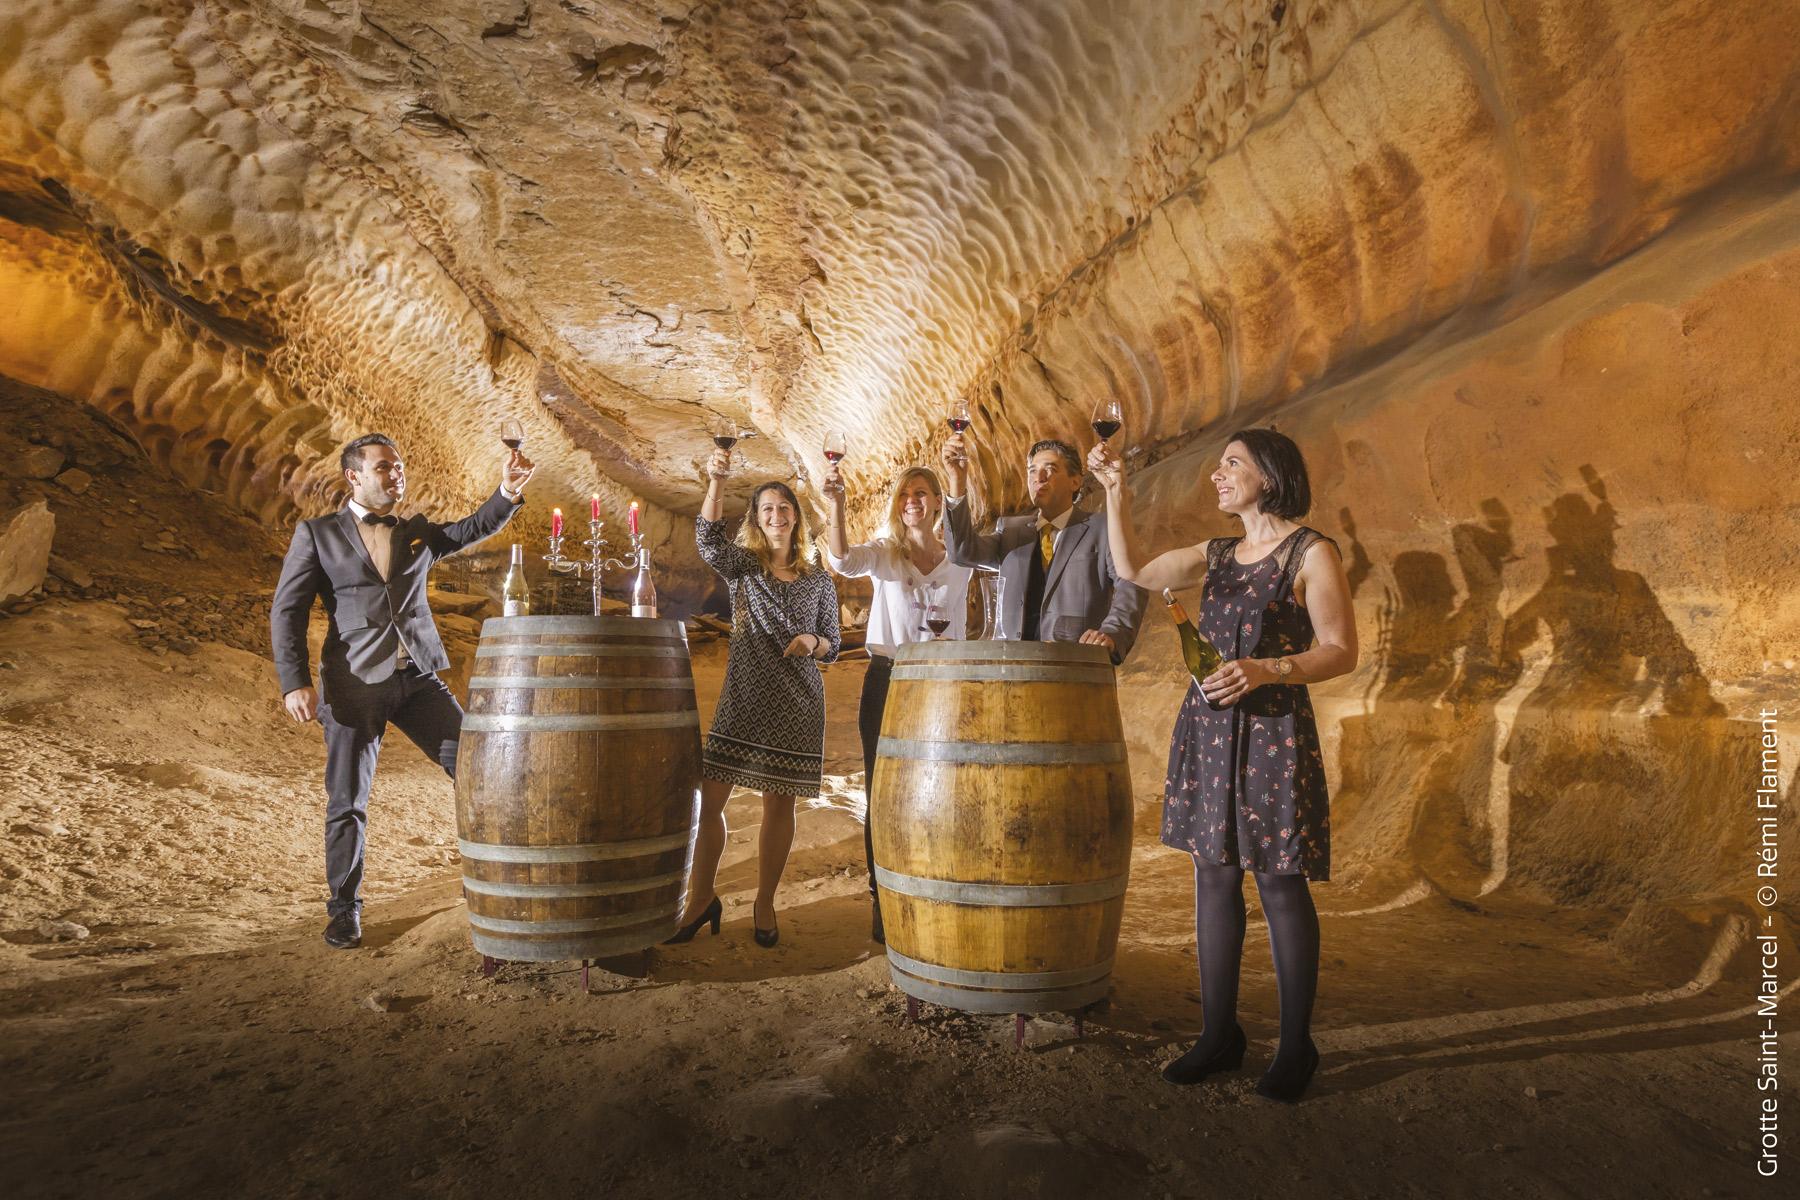 activités autour des grottes de France visite-oenologique-_grotte-de-saint-marcel-d_ardeche-flament